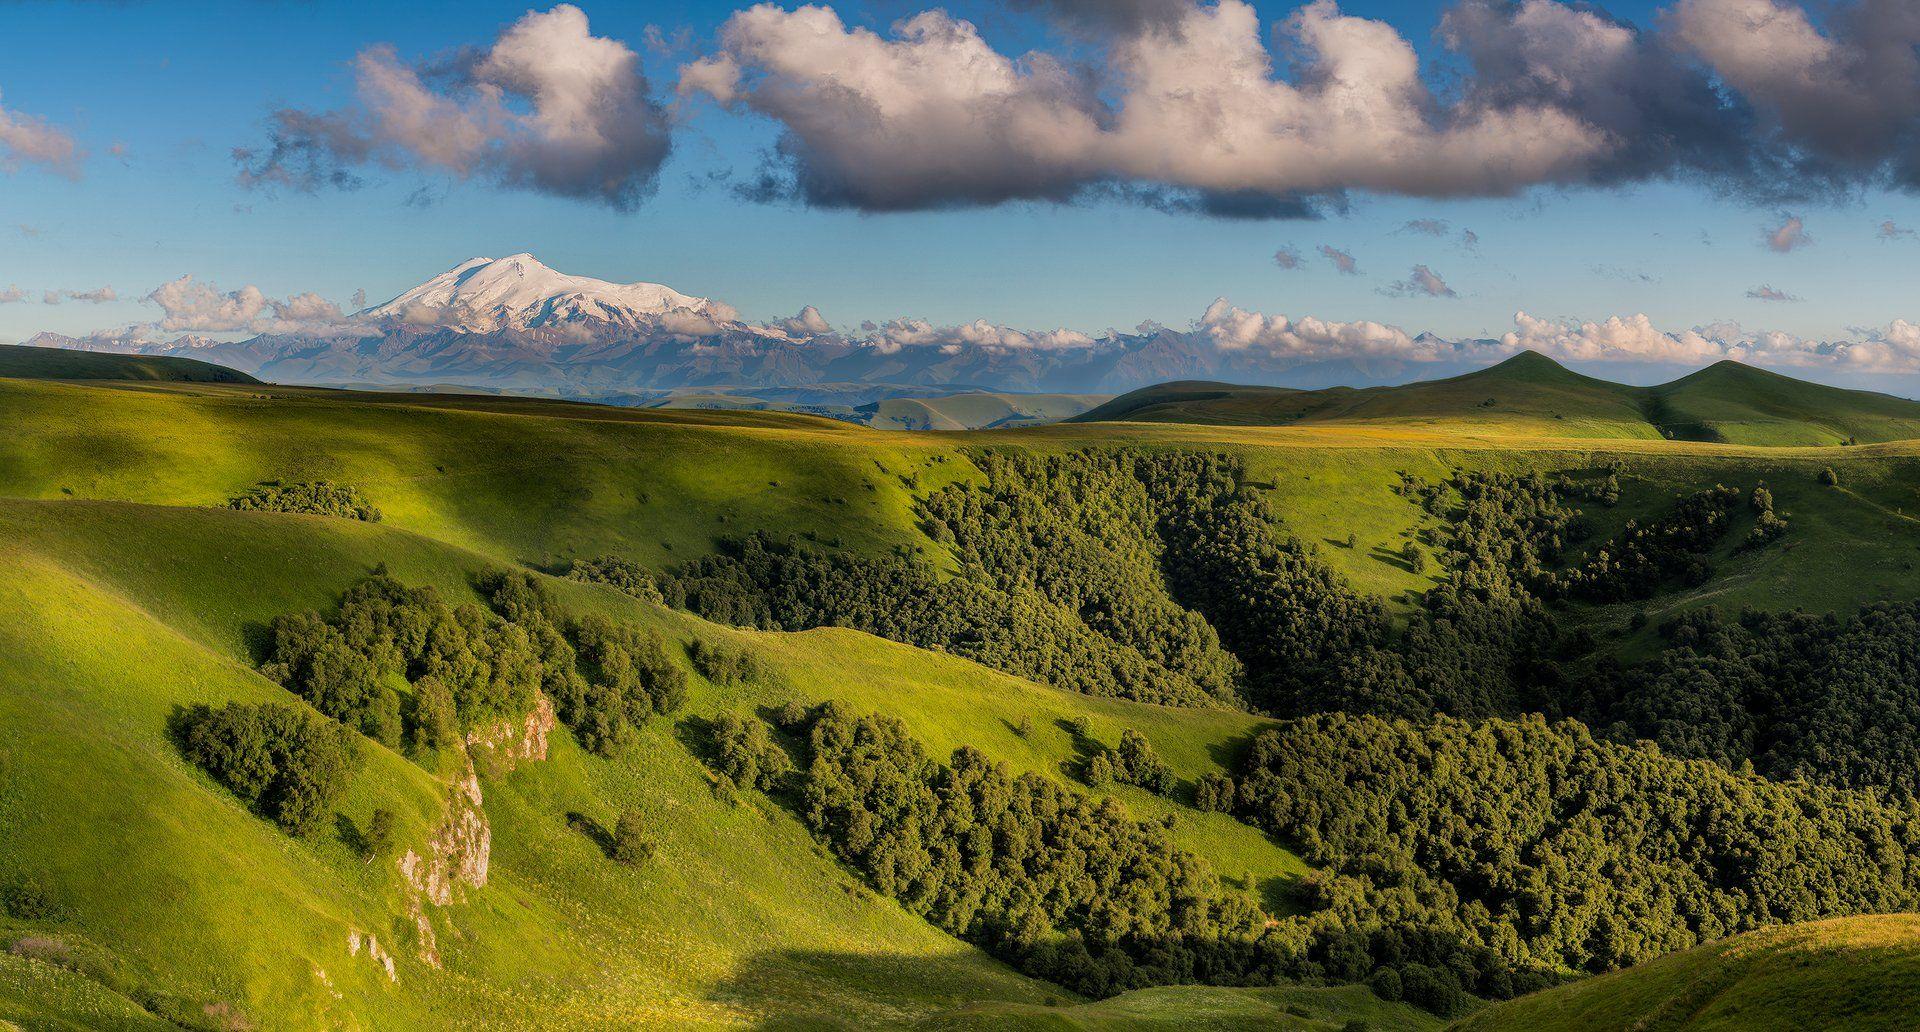 горы, Кавказ, Россия, лето, Эльбрус, Дмитрий Монастырский